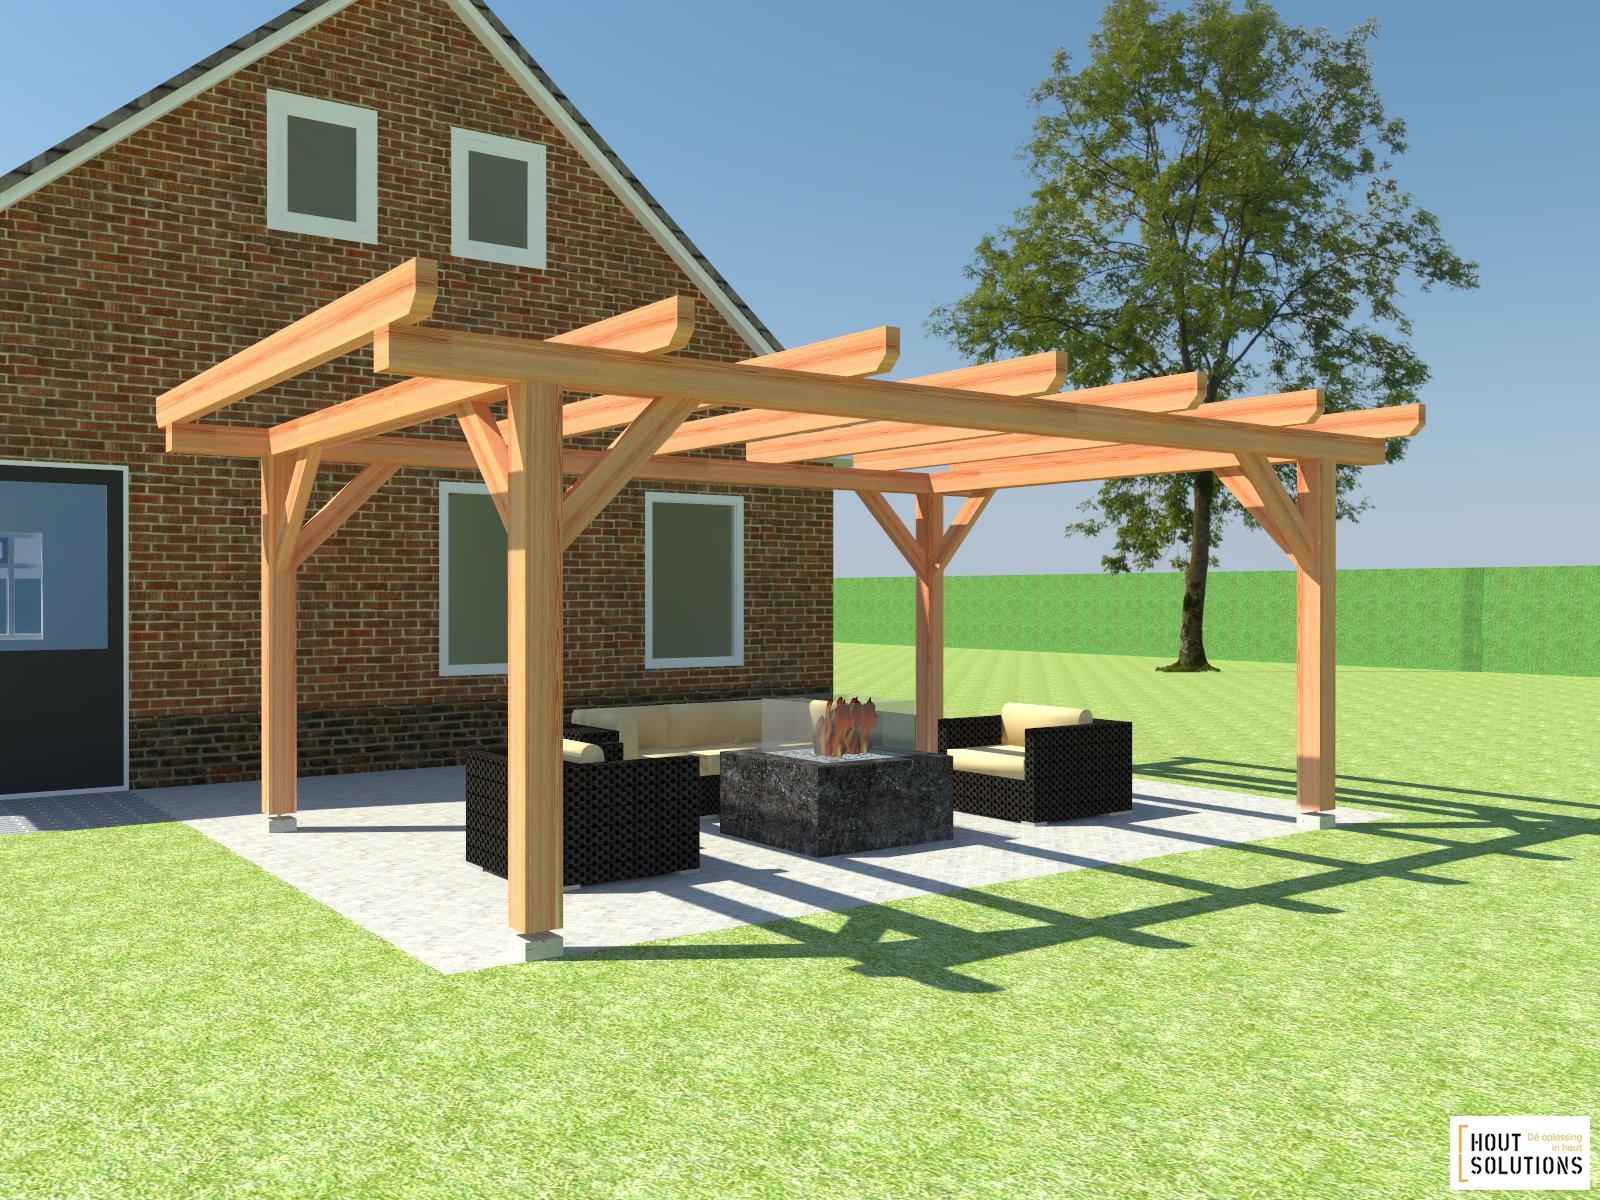 Pergola bouwen houtsolutions - Bedekking voor pergola ...